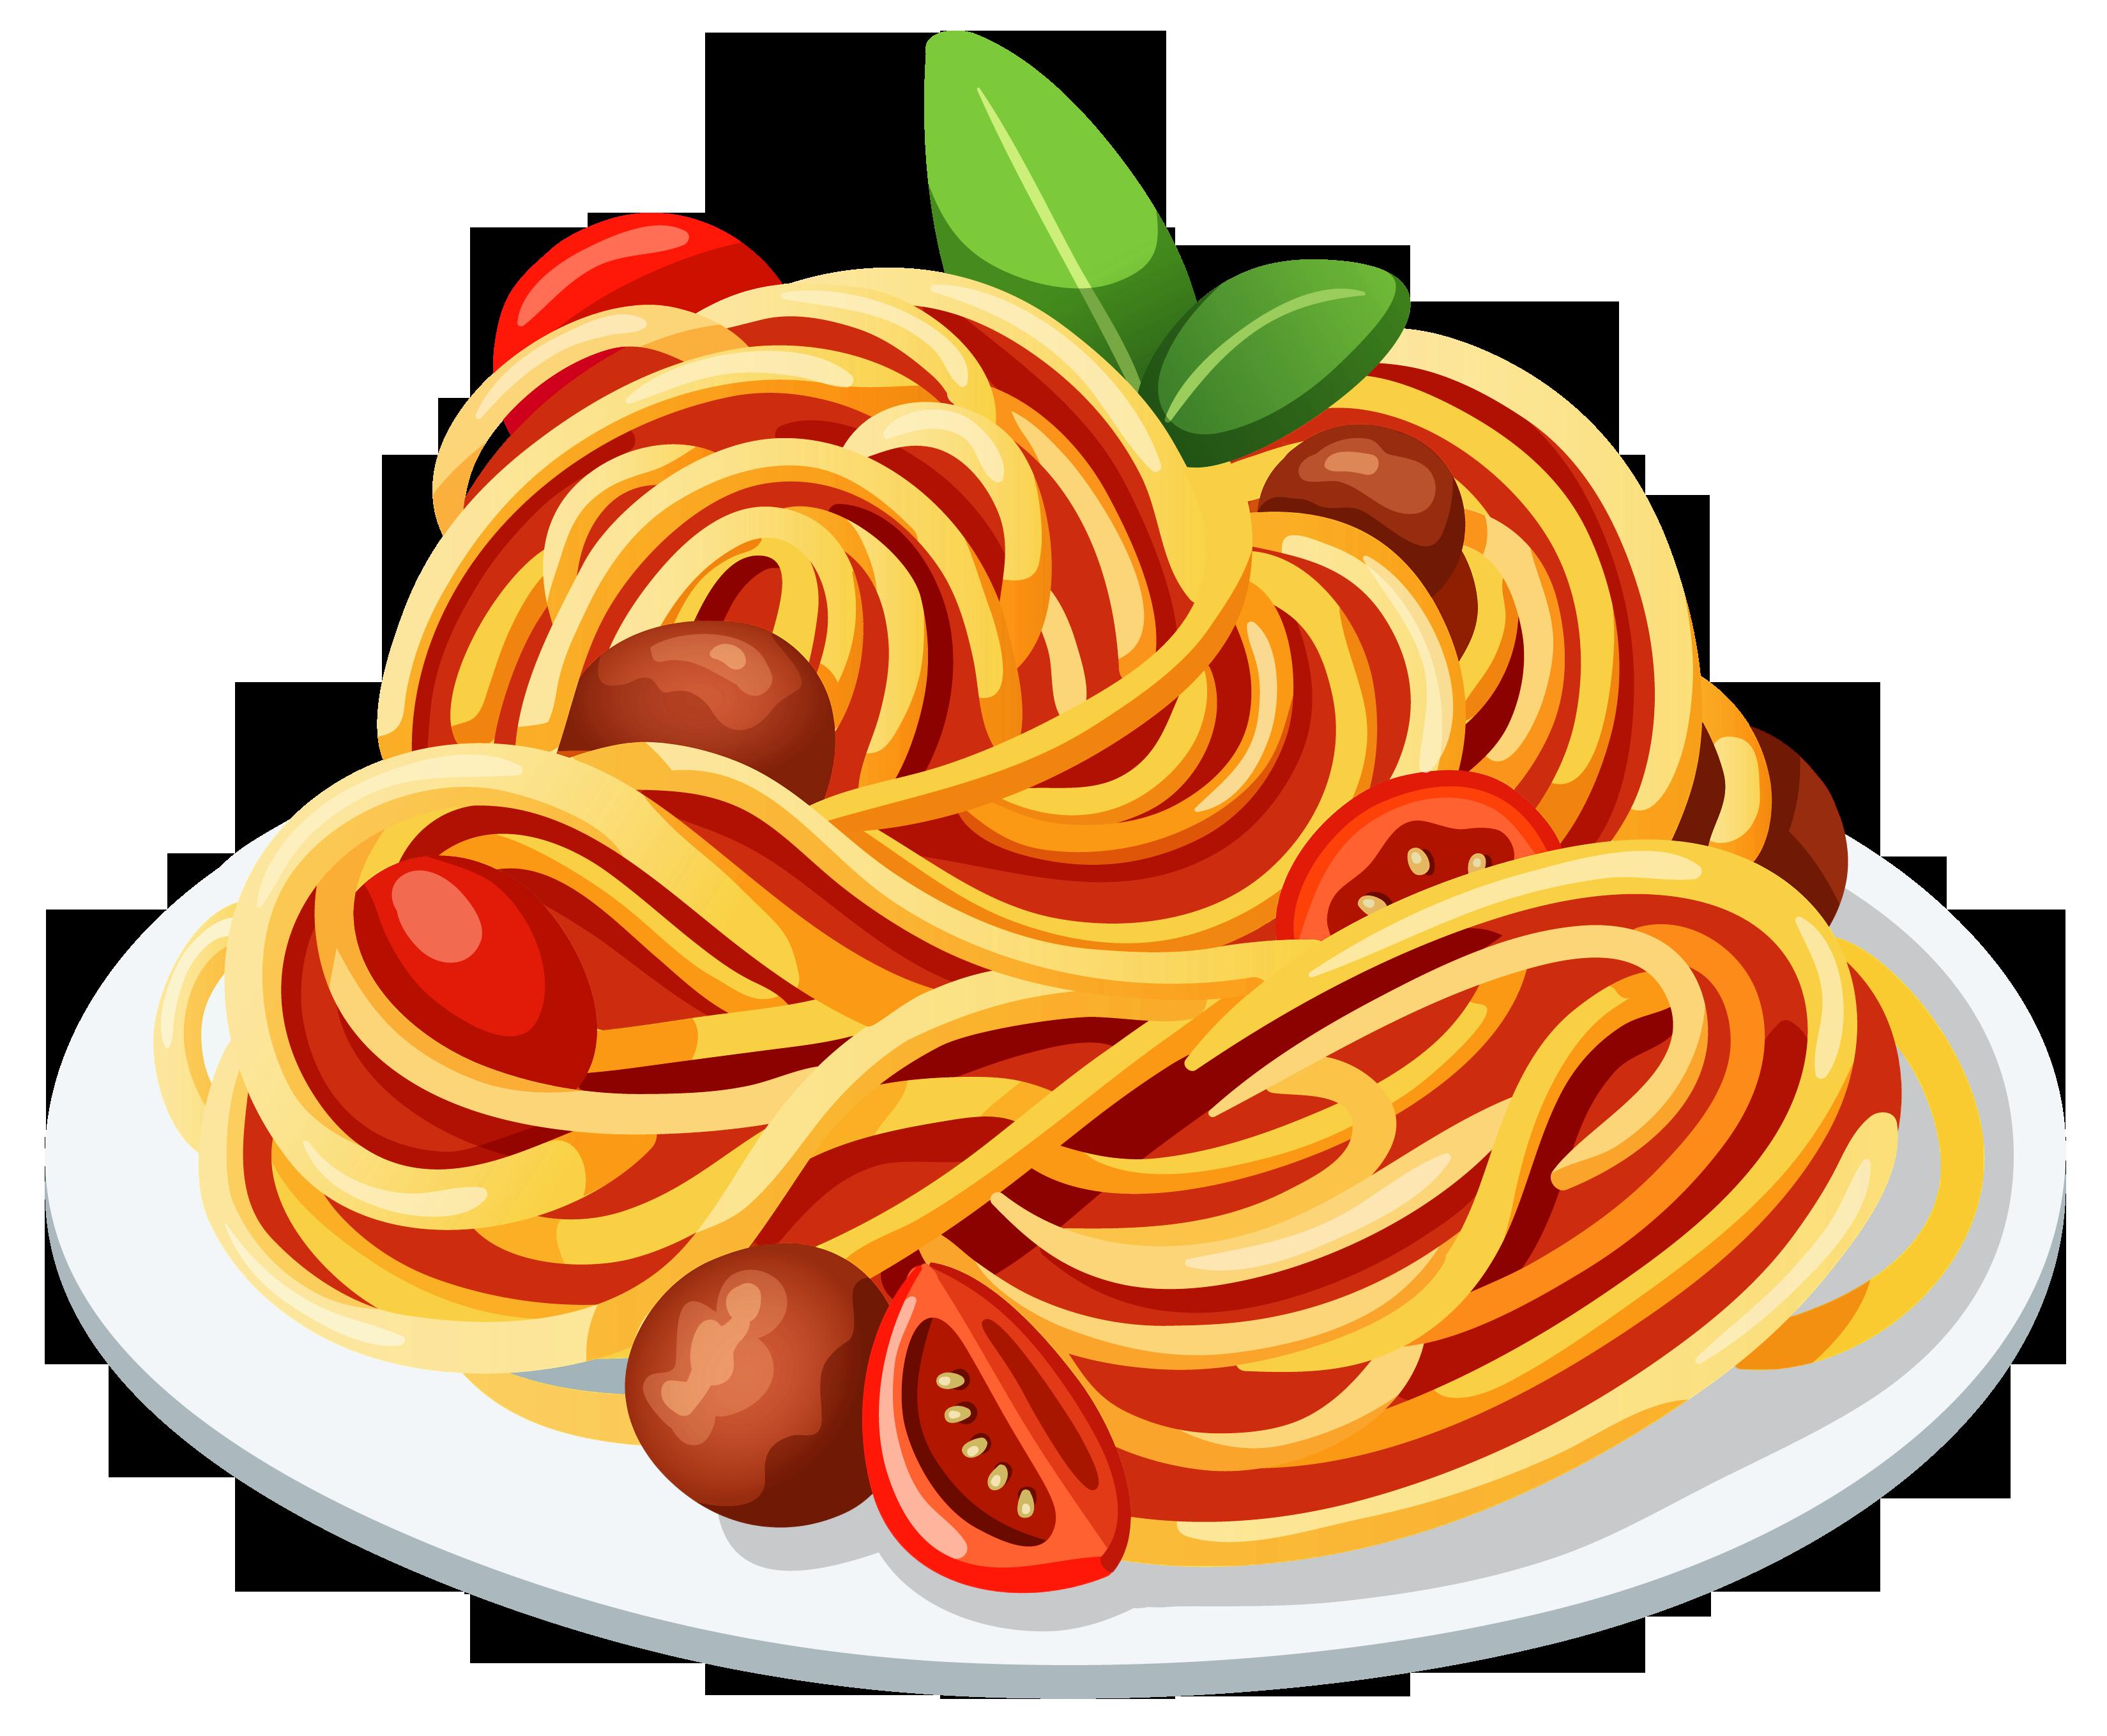 pasta clipart-pasta clipart-0